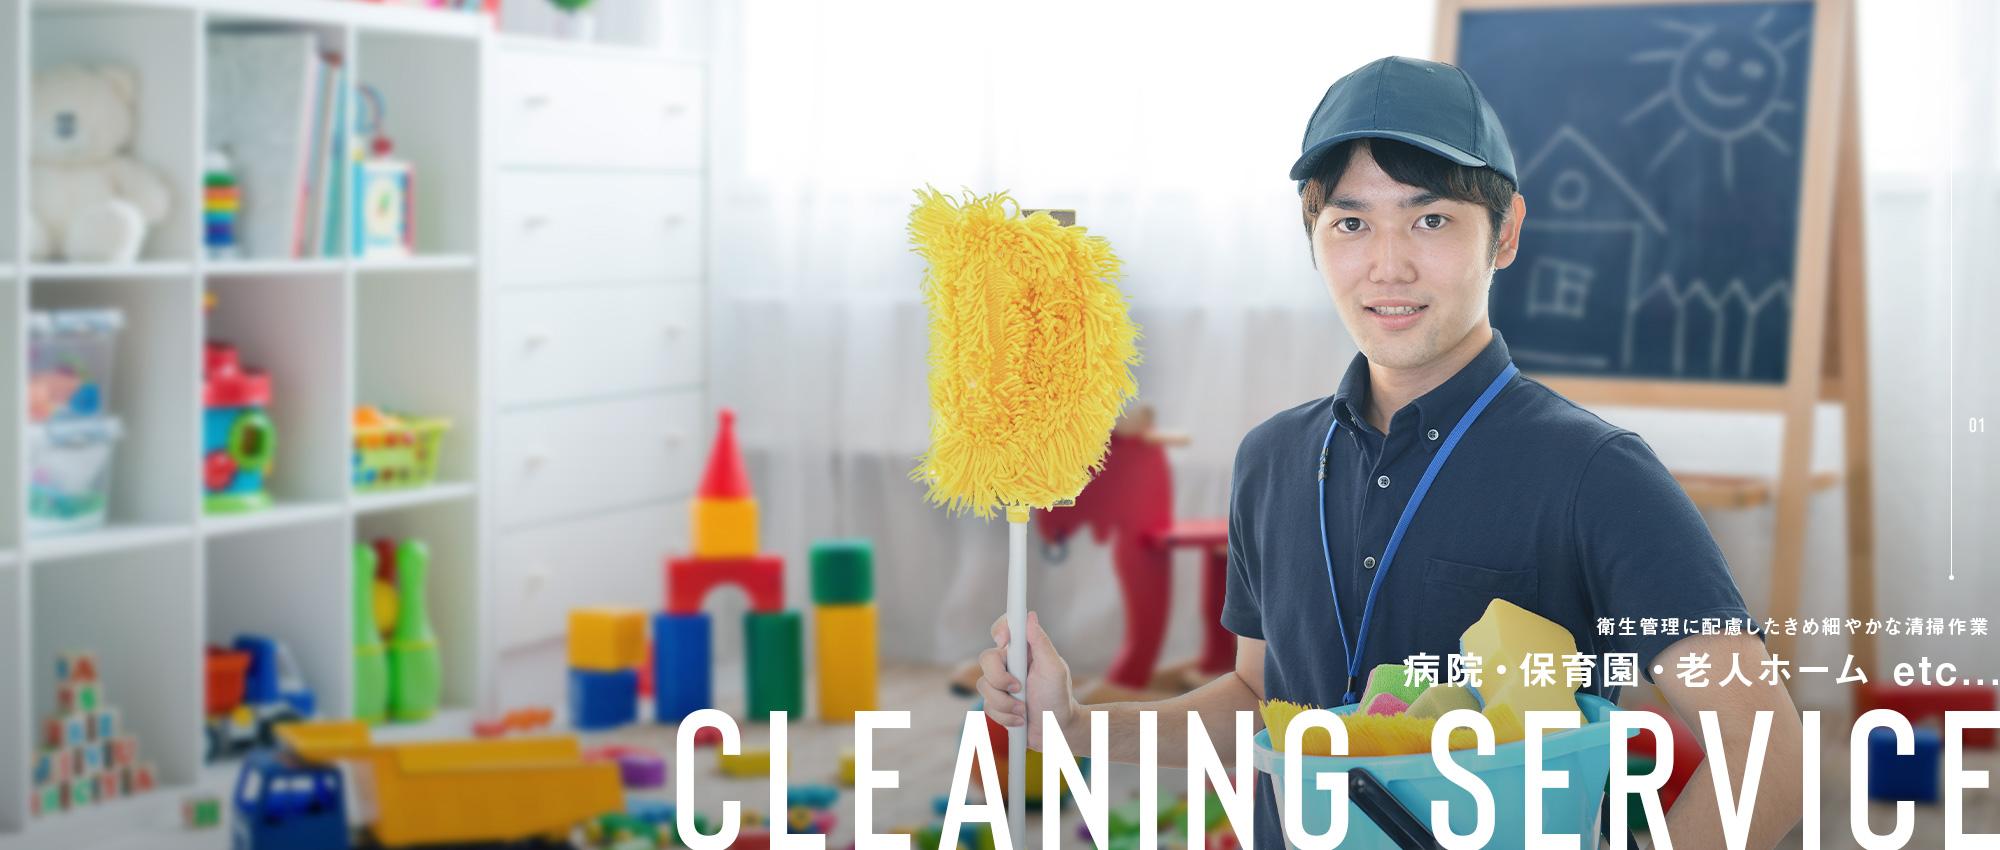 病院・保育園・老人ホーム etc...。衛星管理に配慮したきめ細やかな清掃作業